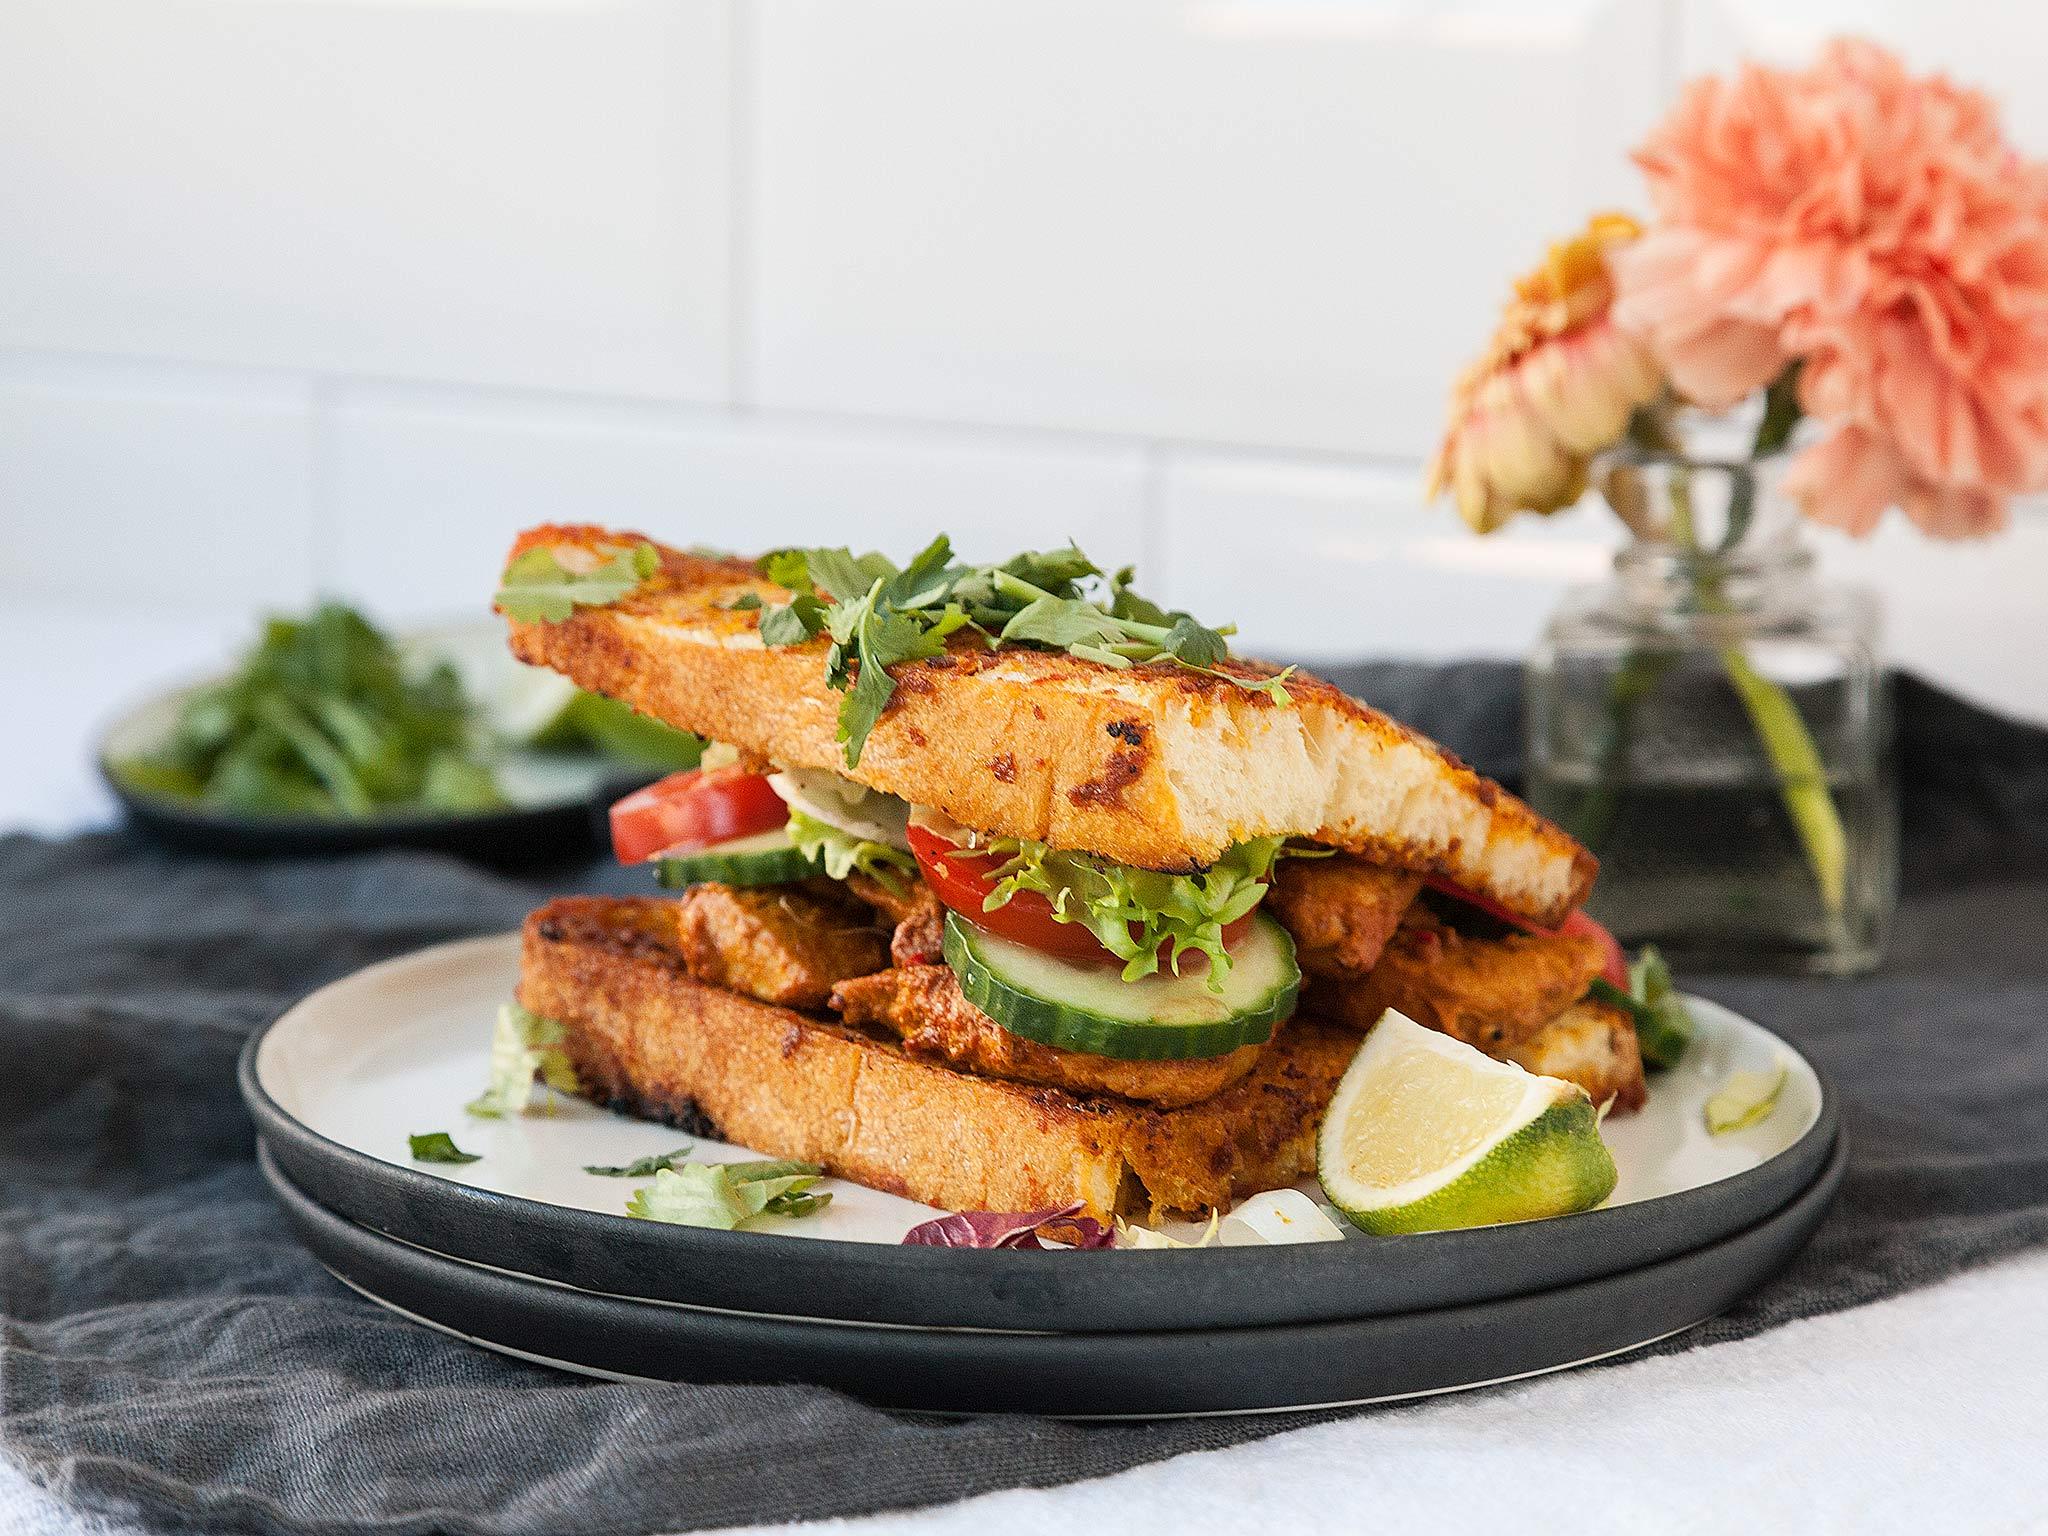 Chicken Tikka Sandwich Recipe With Video Kitchen Stories